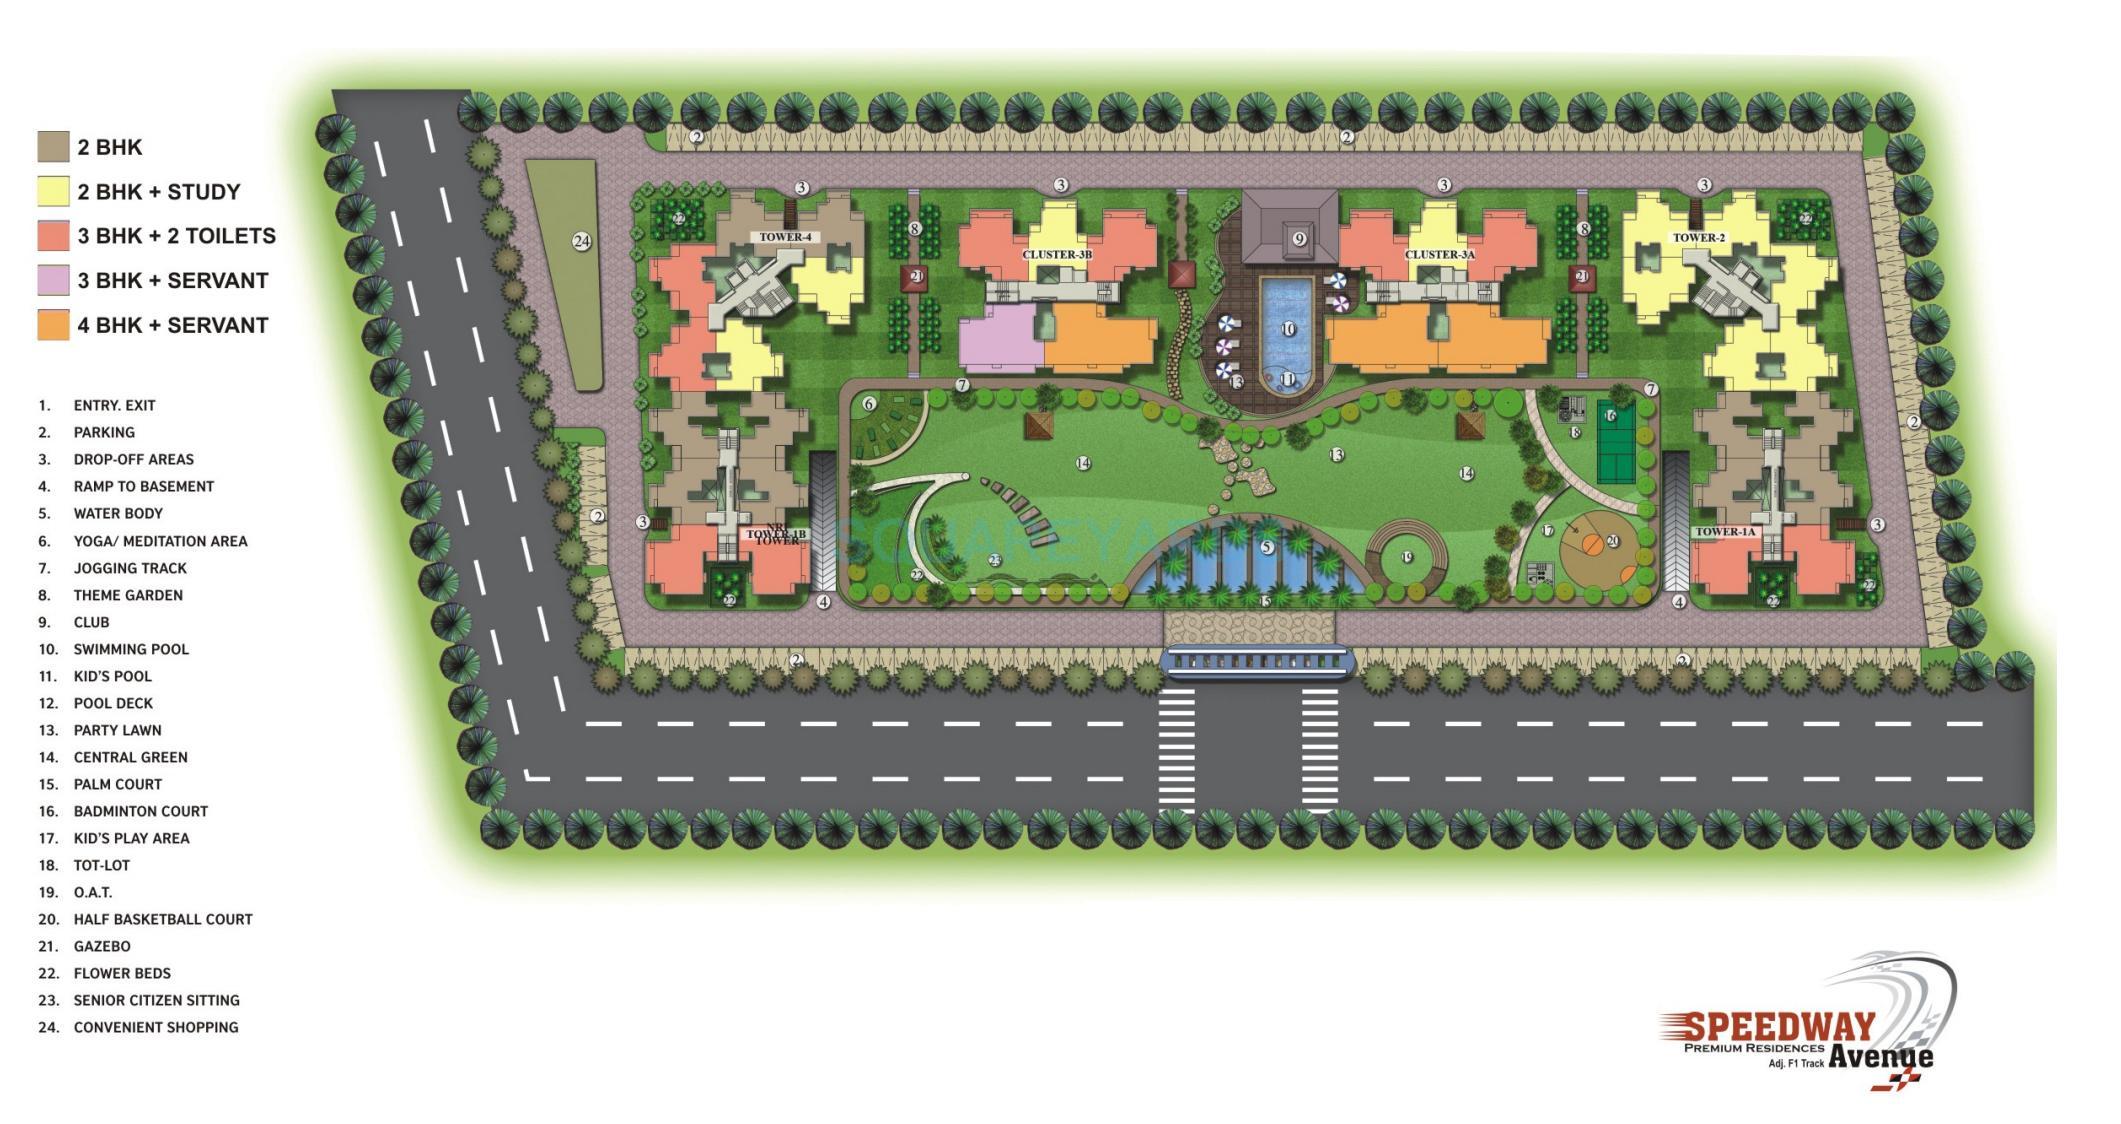 speedway avenue master plan image1